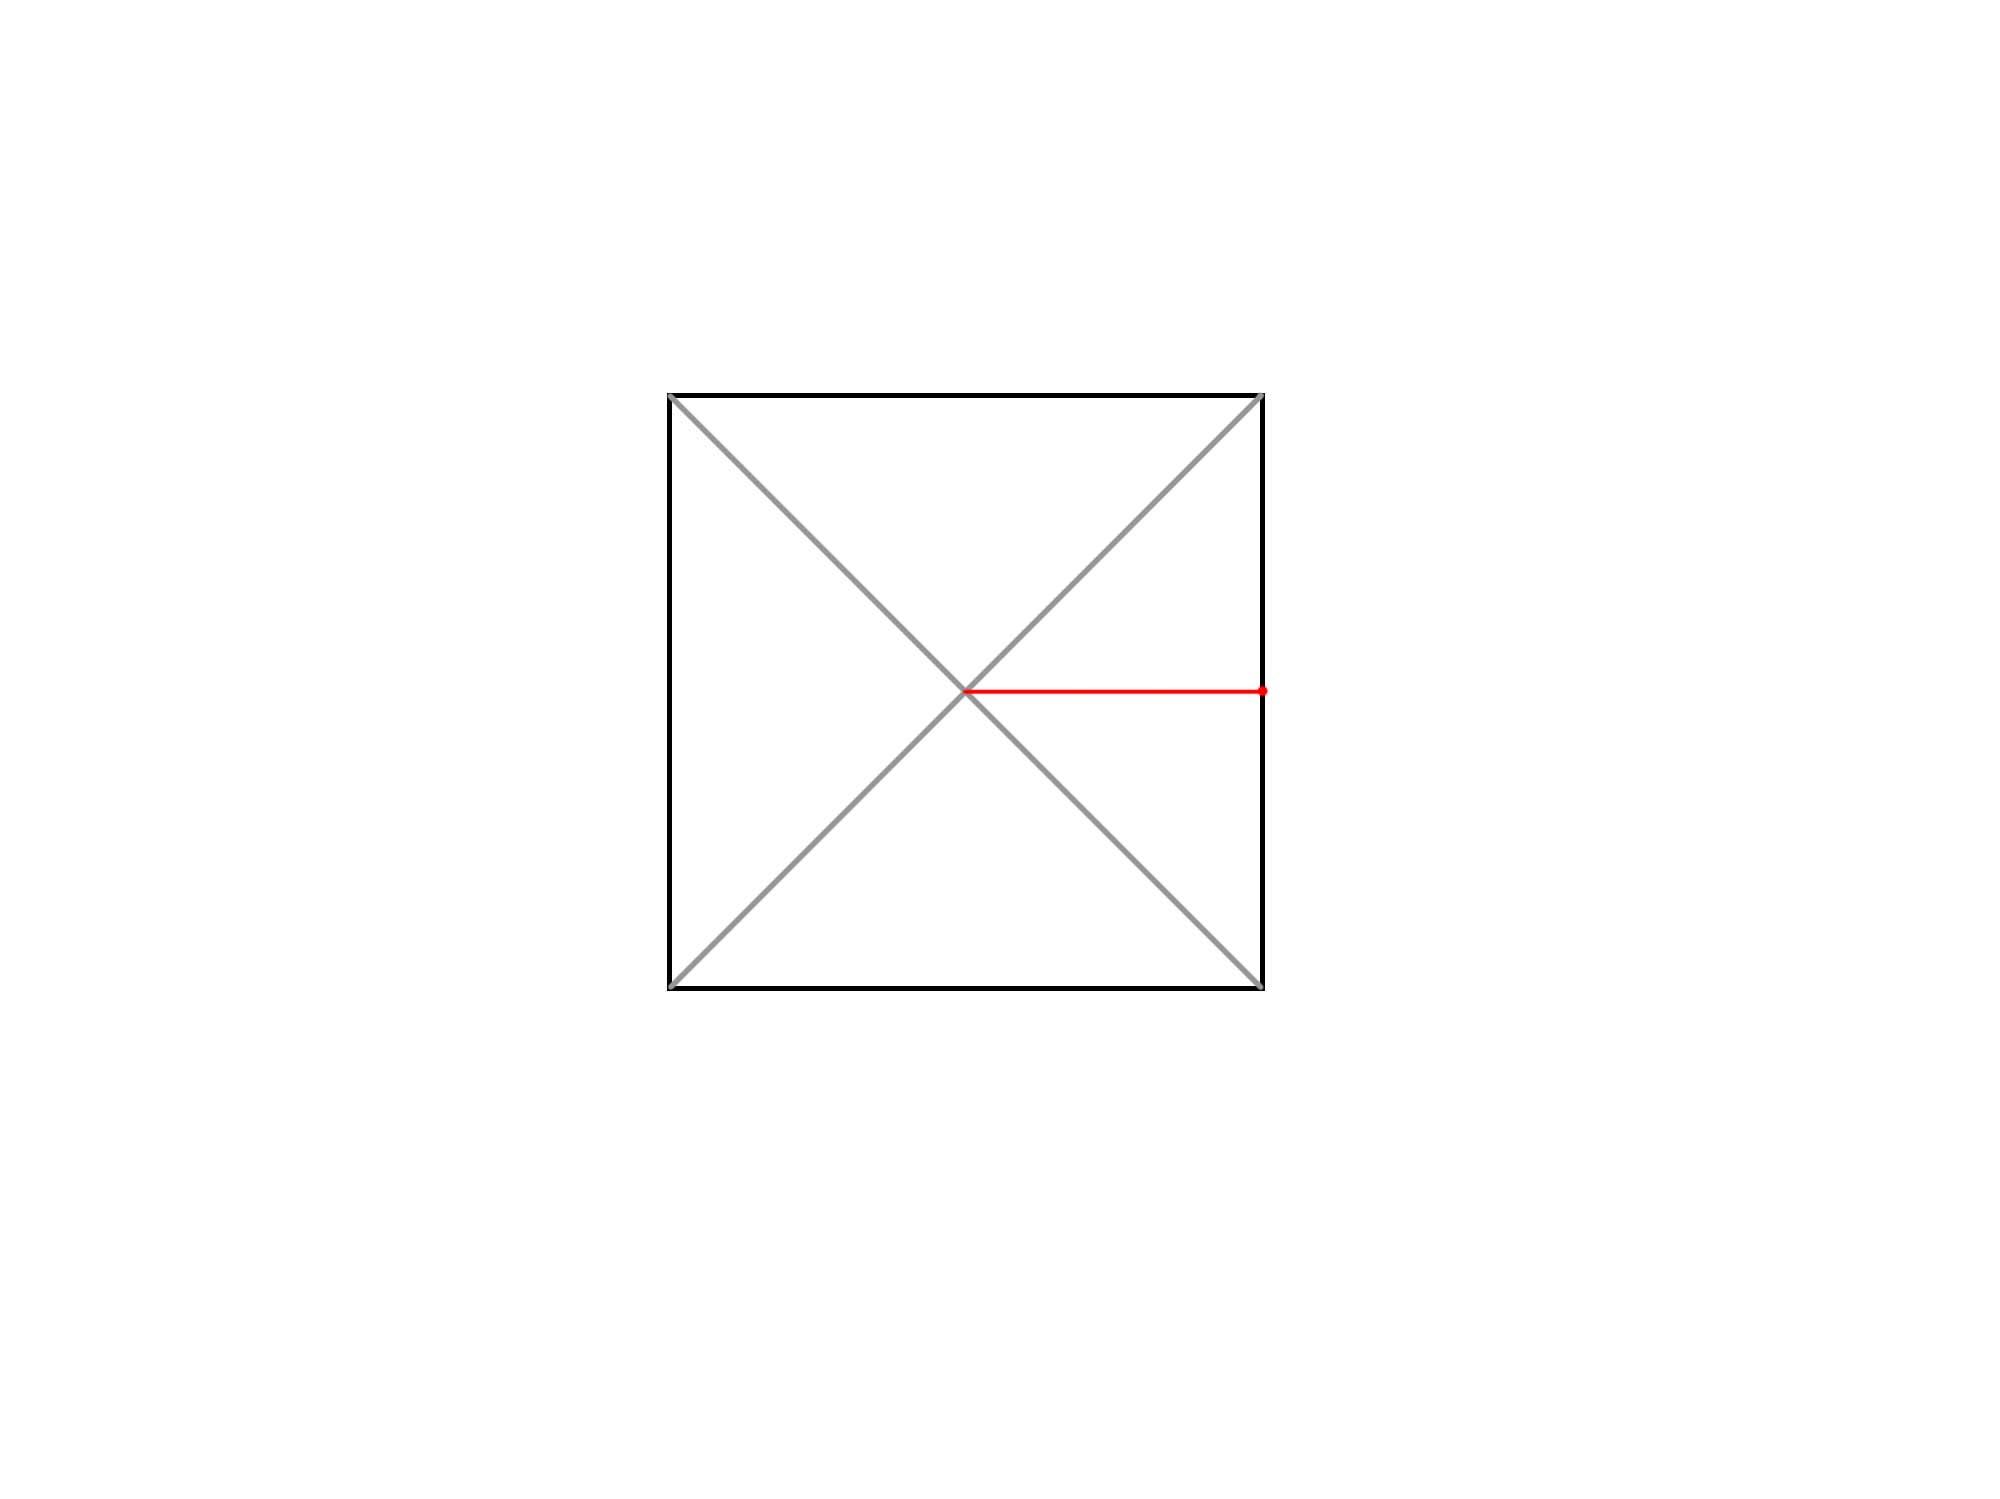 正方形を使って円を描く②